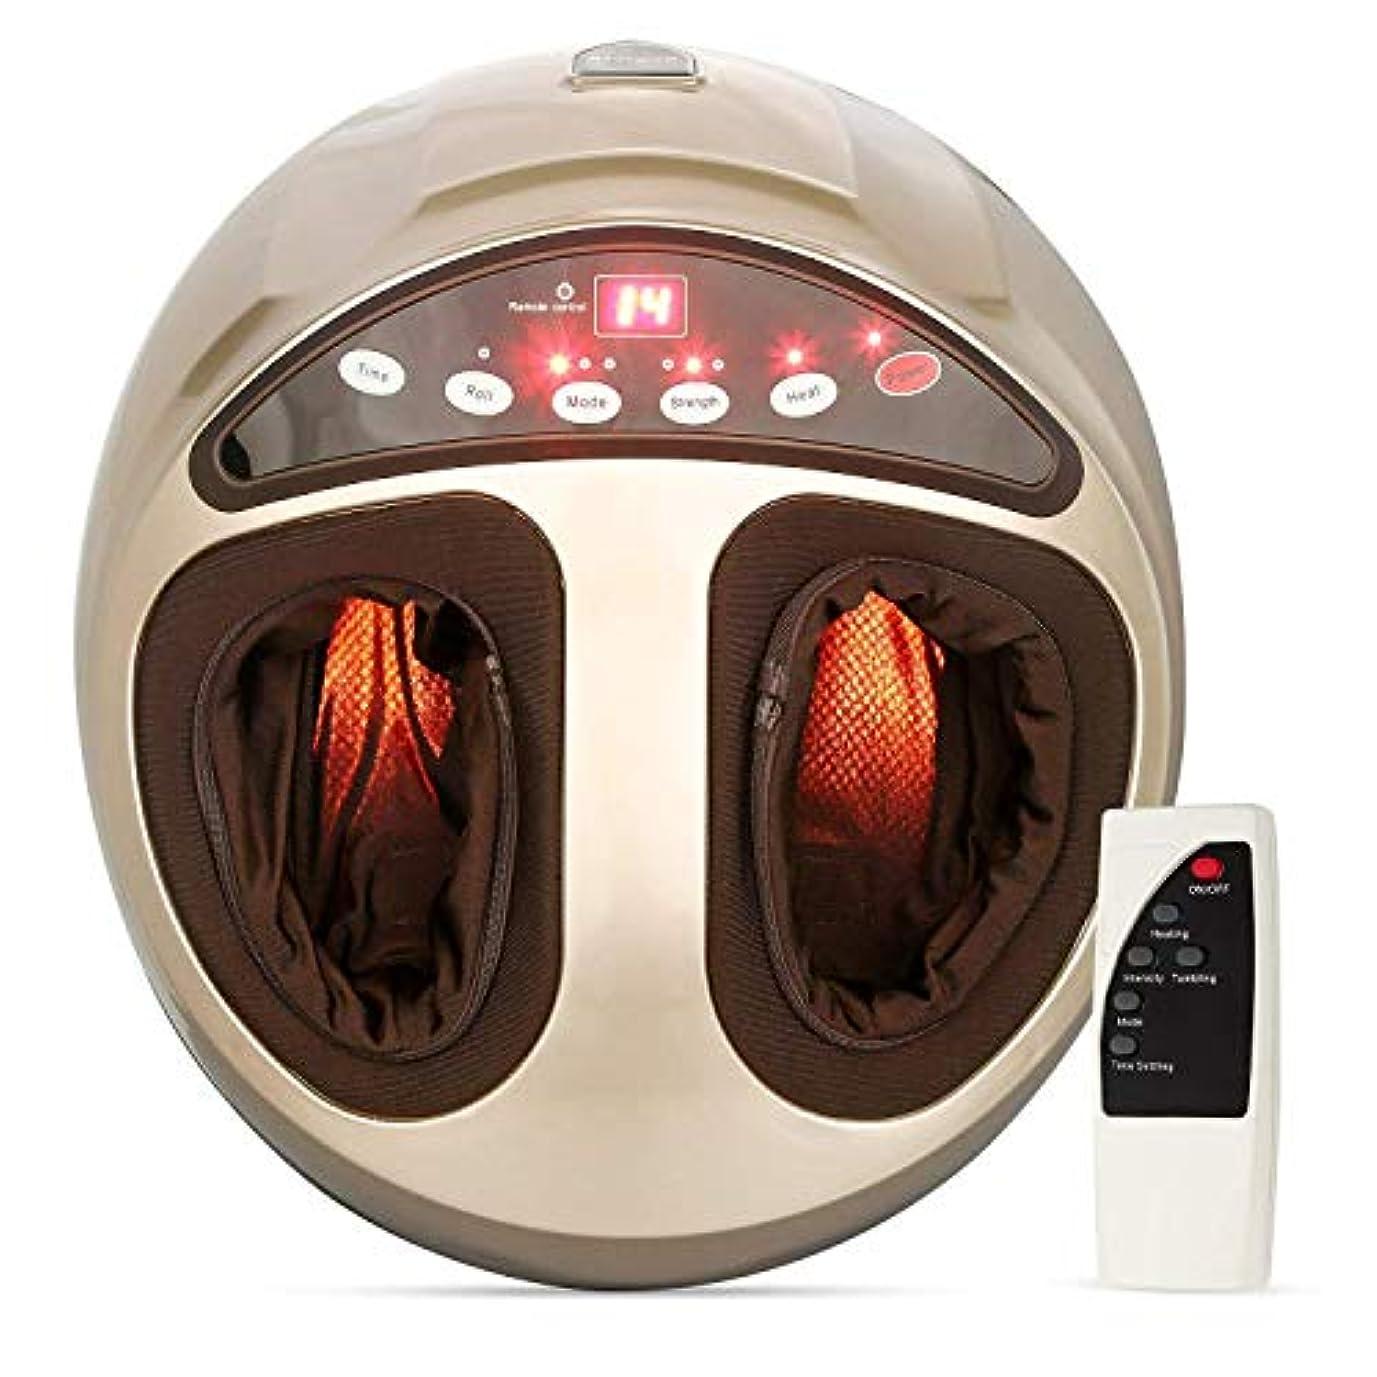 鉄できるアリス指圧電動足マッサージ器足マッサージ機加熱深圧力空気圧縮調節可能な強度健康ギフト(EU)